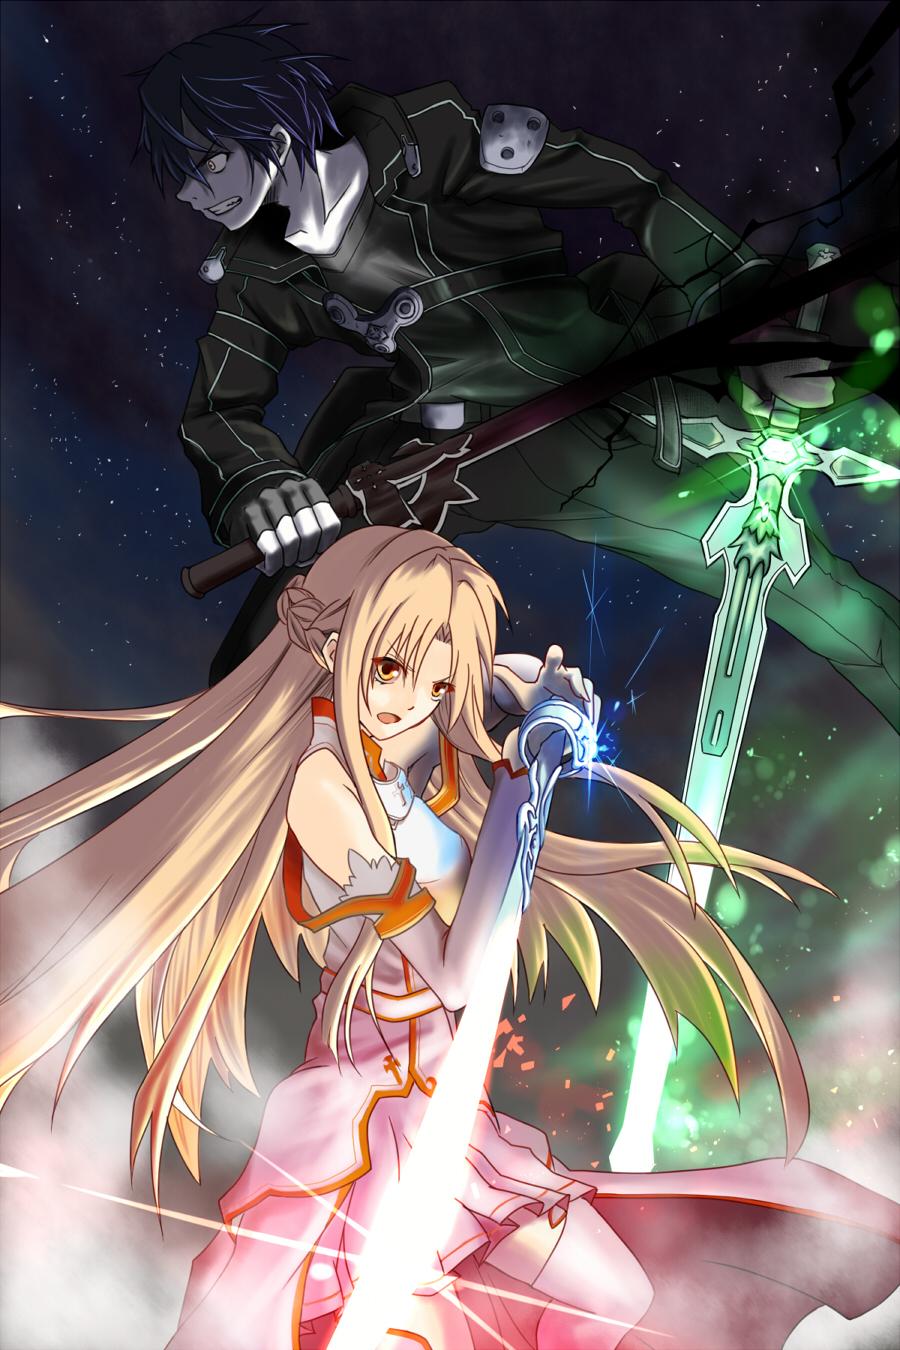 Sword Art Online Mobile Wallpaper #1273628 - Zerochan Anime Image Board